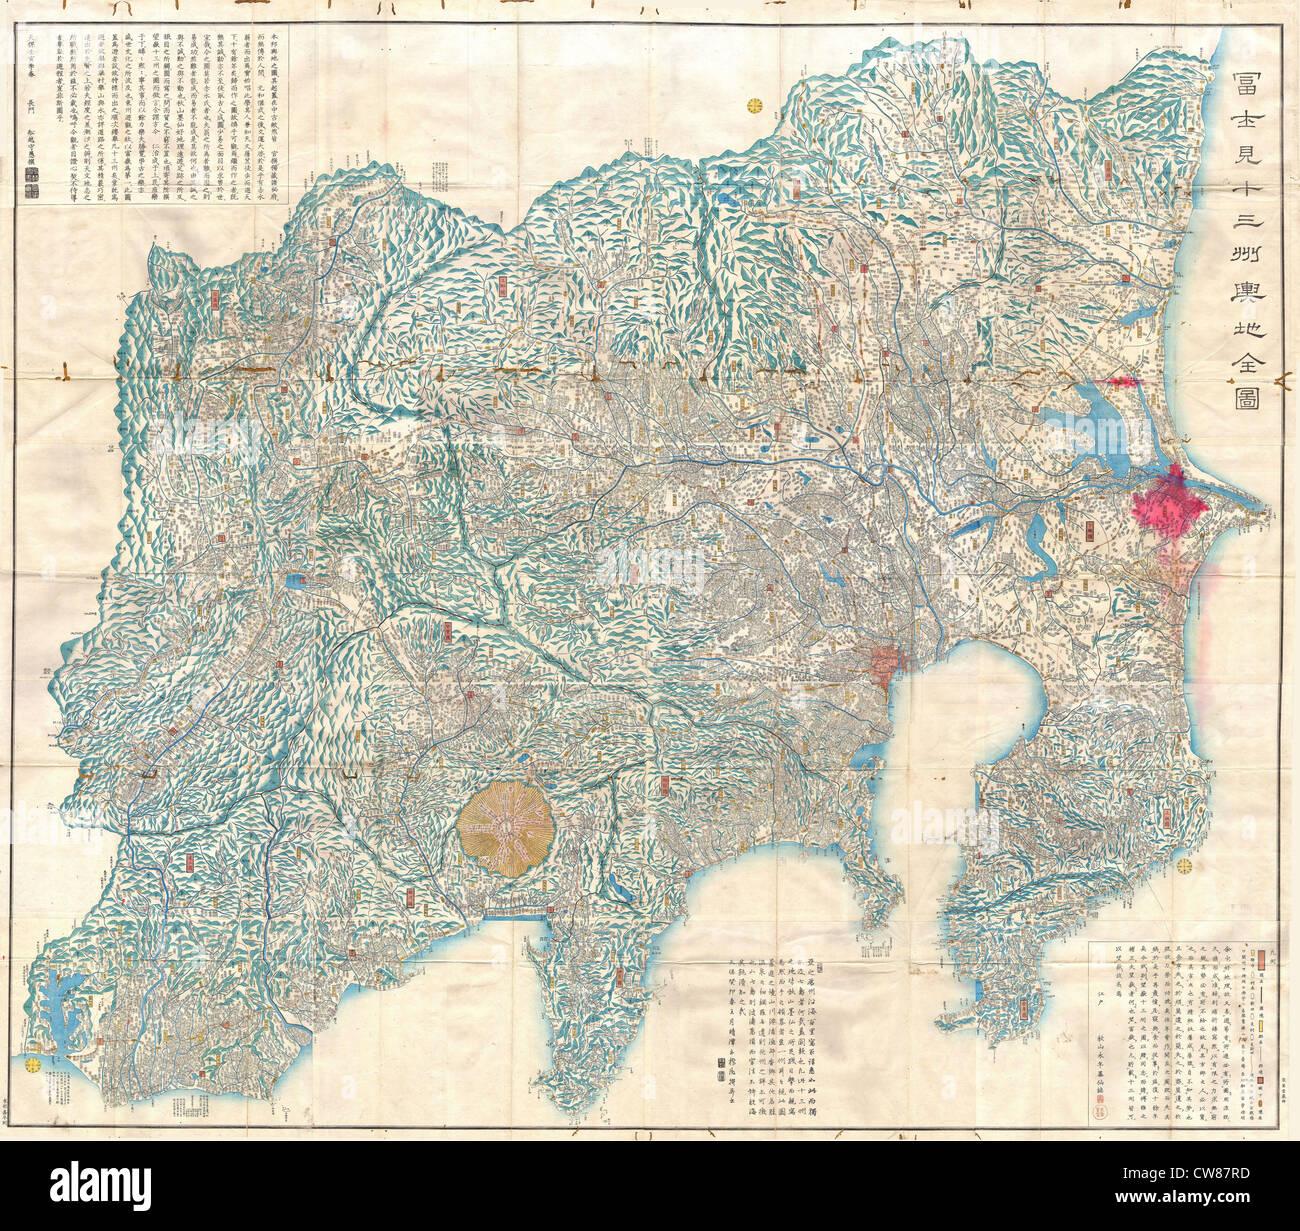 1843 Tienpo 14 Periodo Edo Mappa di Mt. Fuji, Tokyo, e prossimità Immagini Stock